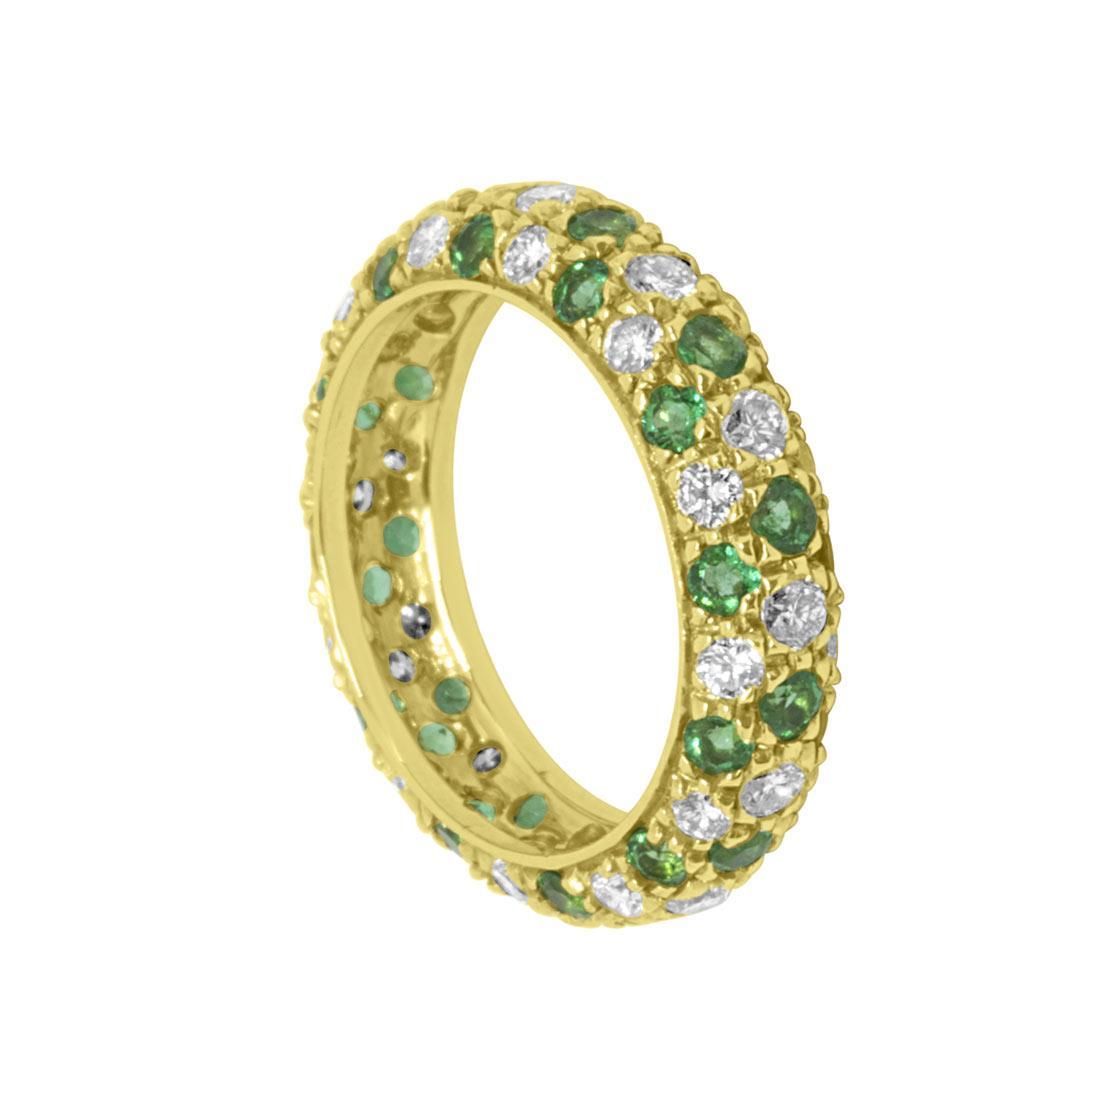 Anello Oro & Co in oro giallo con diamanti 1.40 ct e smeraldi 0.71 ct, misura 14 - ORO&CO